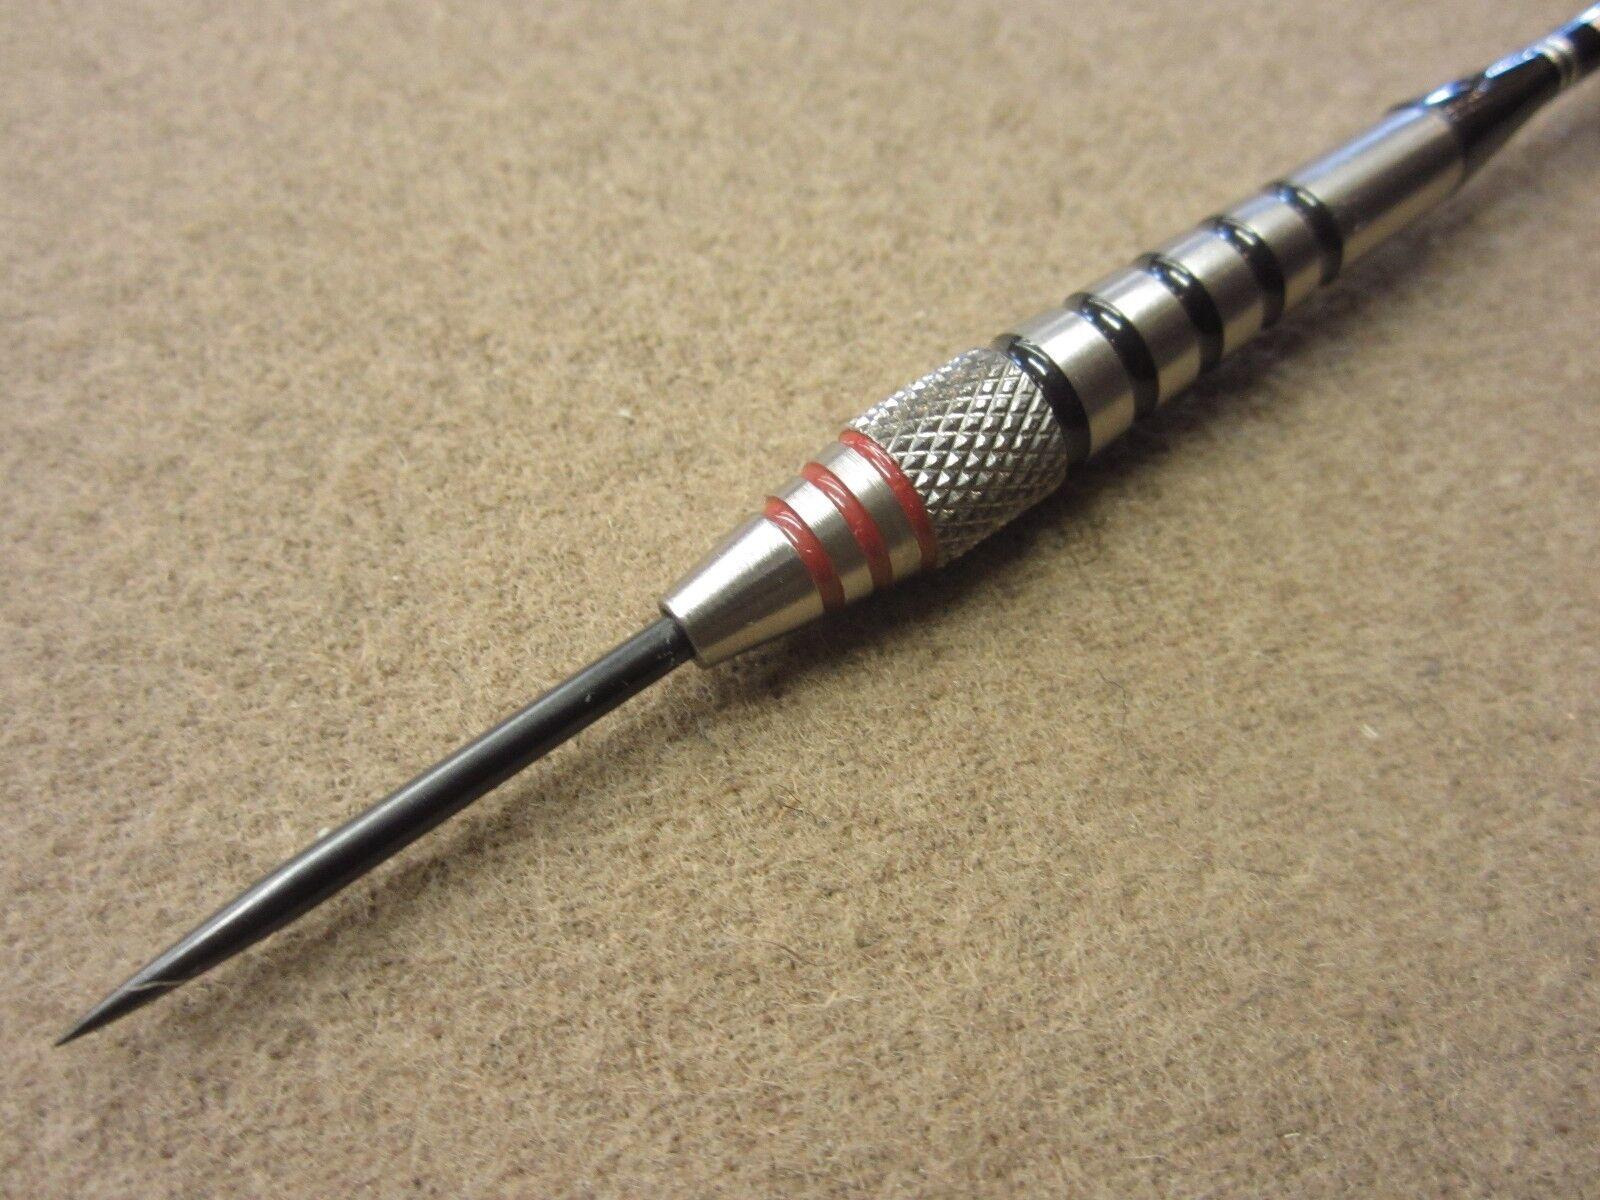 Mega Thrust Hammer Head Steel Tip Tungsten 90% Darts Tungsten Tip 26g 26m52f w/ FREE Shipping e7f4c4